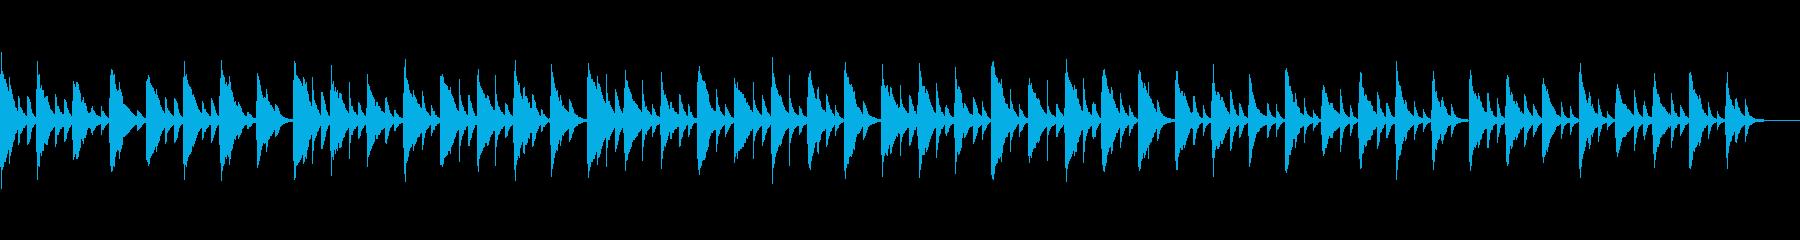 かわいいサウンドから奏でられるメロディの再生済みの波形